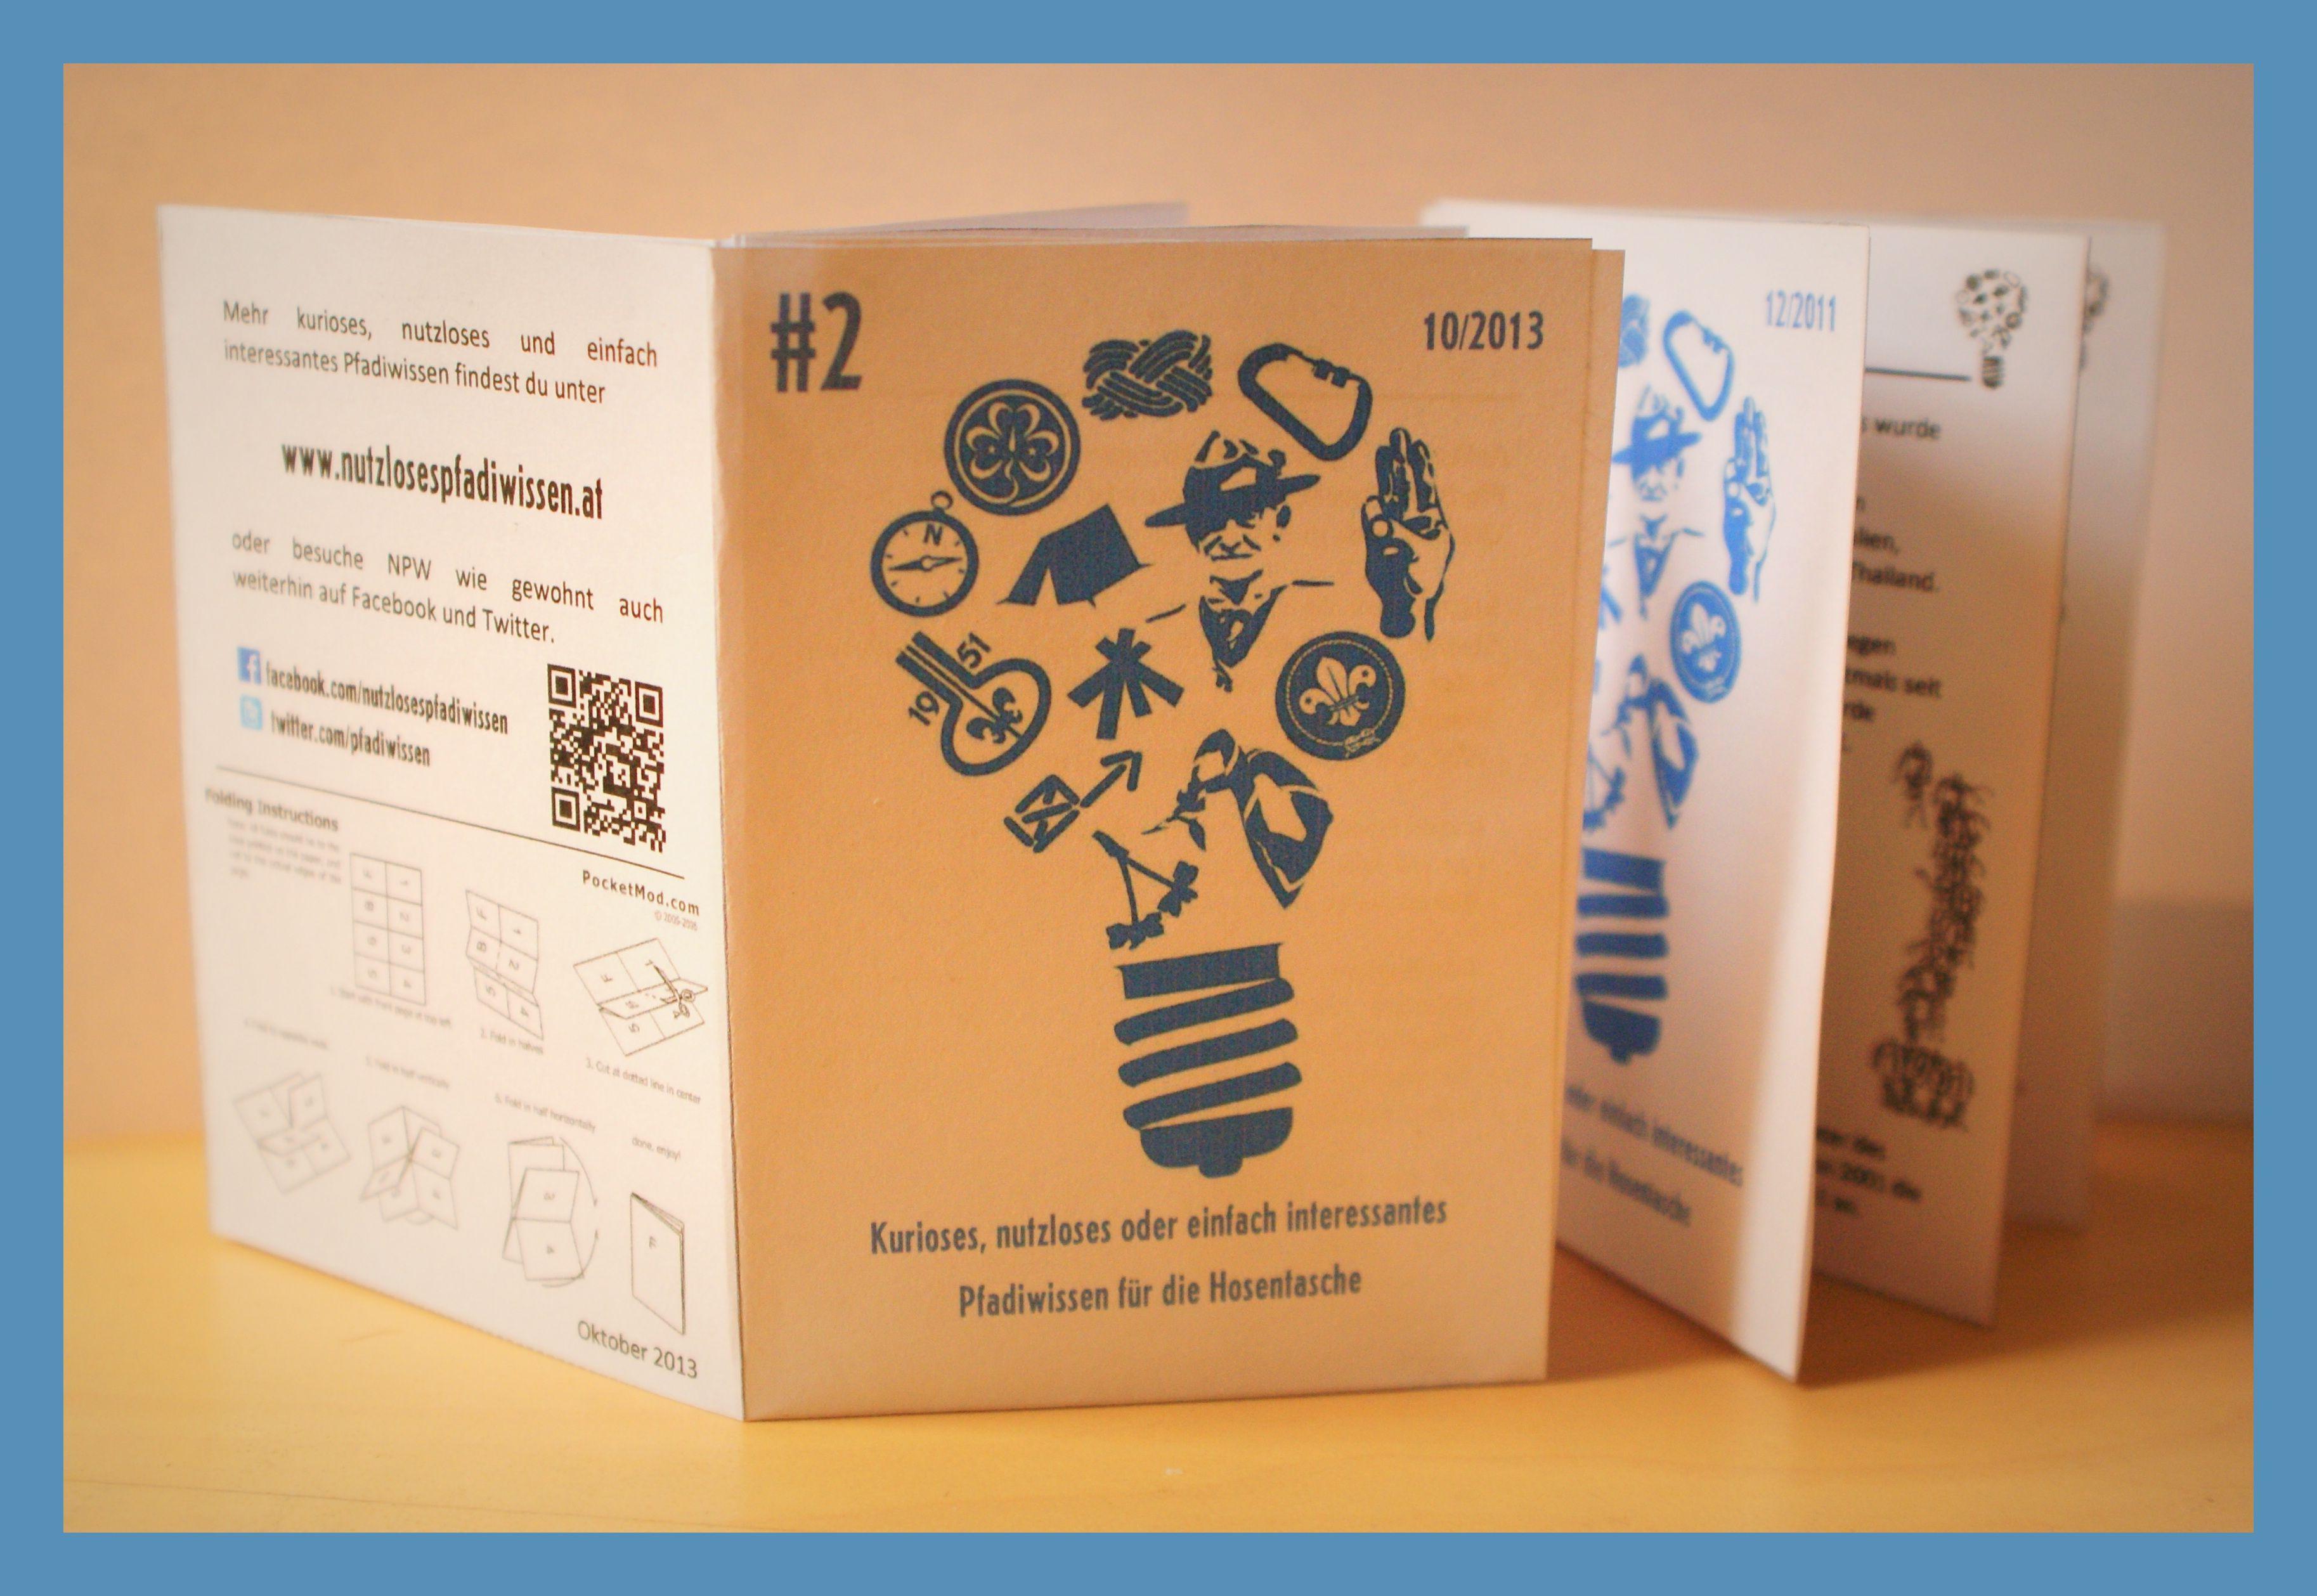 NPW für die Hosentasche  Kleines Heftchen mit zahlreichen nutzlosen Pfadifacts, zum selber Basteln.  Download und Faltanleitung: http://www.nutzlosespfadiwissen.at/2013/09/endlich-da-hosentaschenwissen-2/